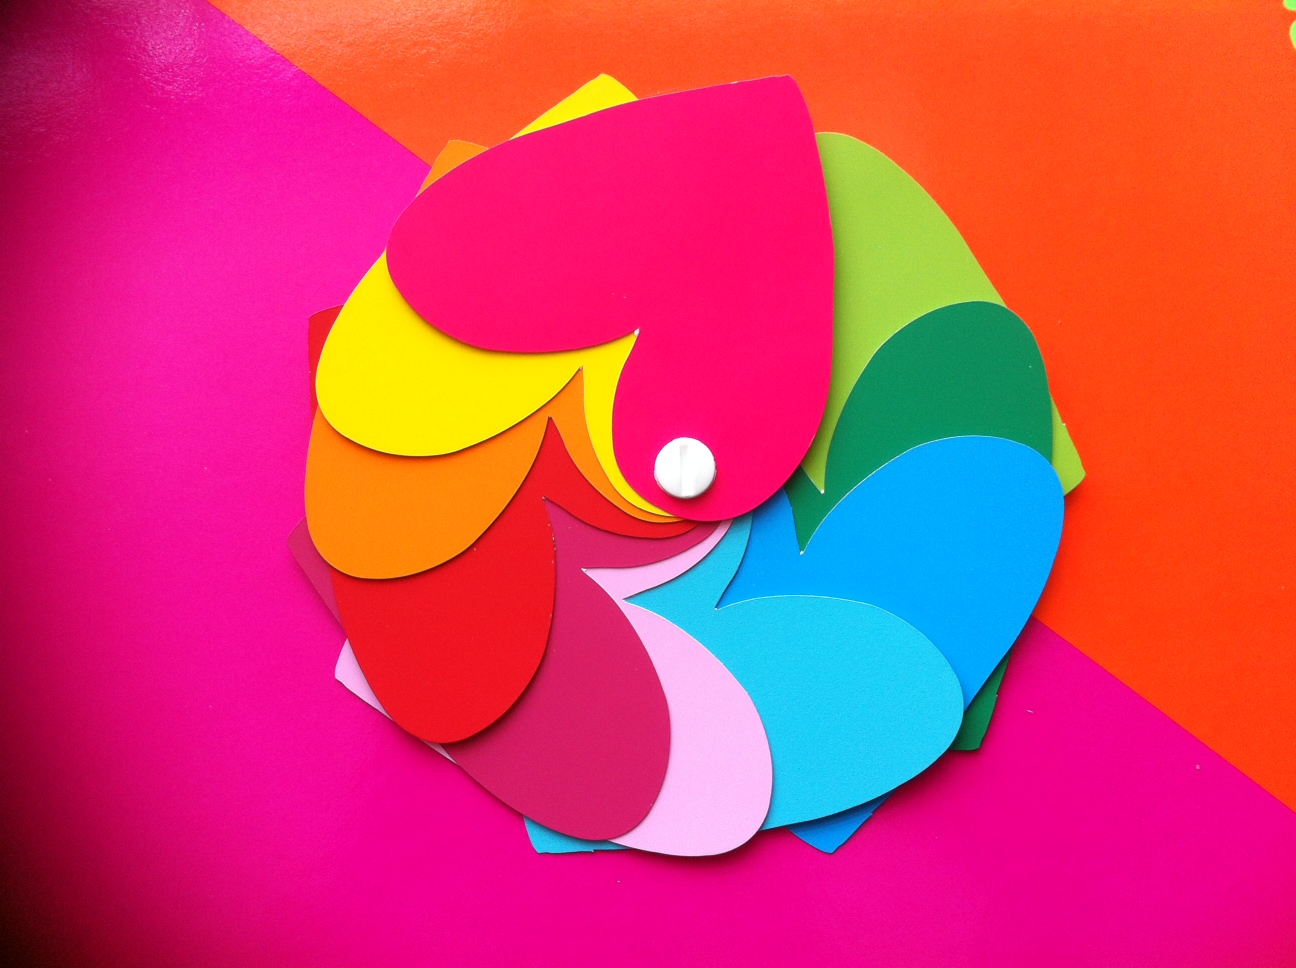 Carta de colores de la pintura agatha ruiz de la prada jafep for De colores de colores